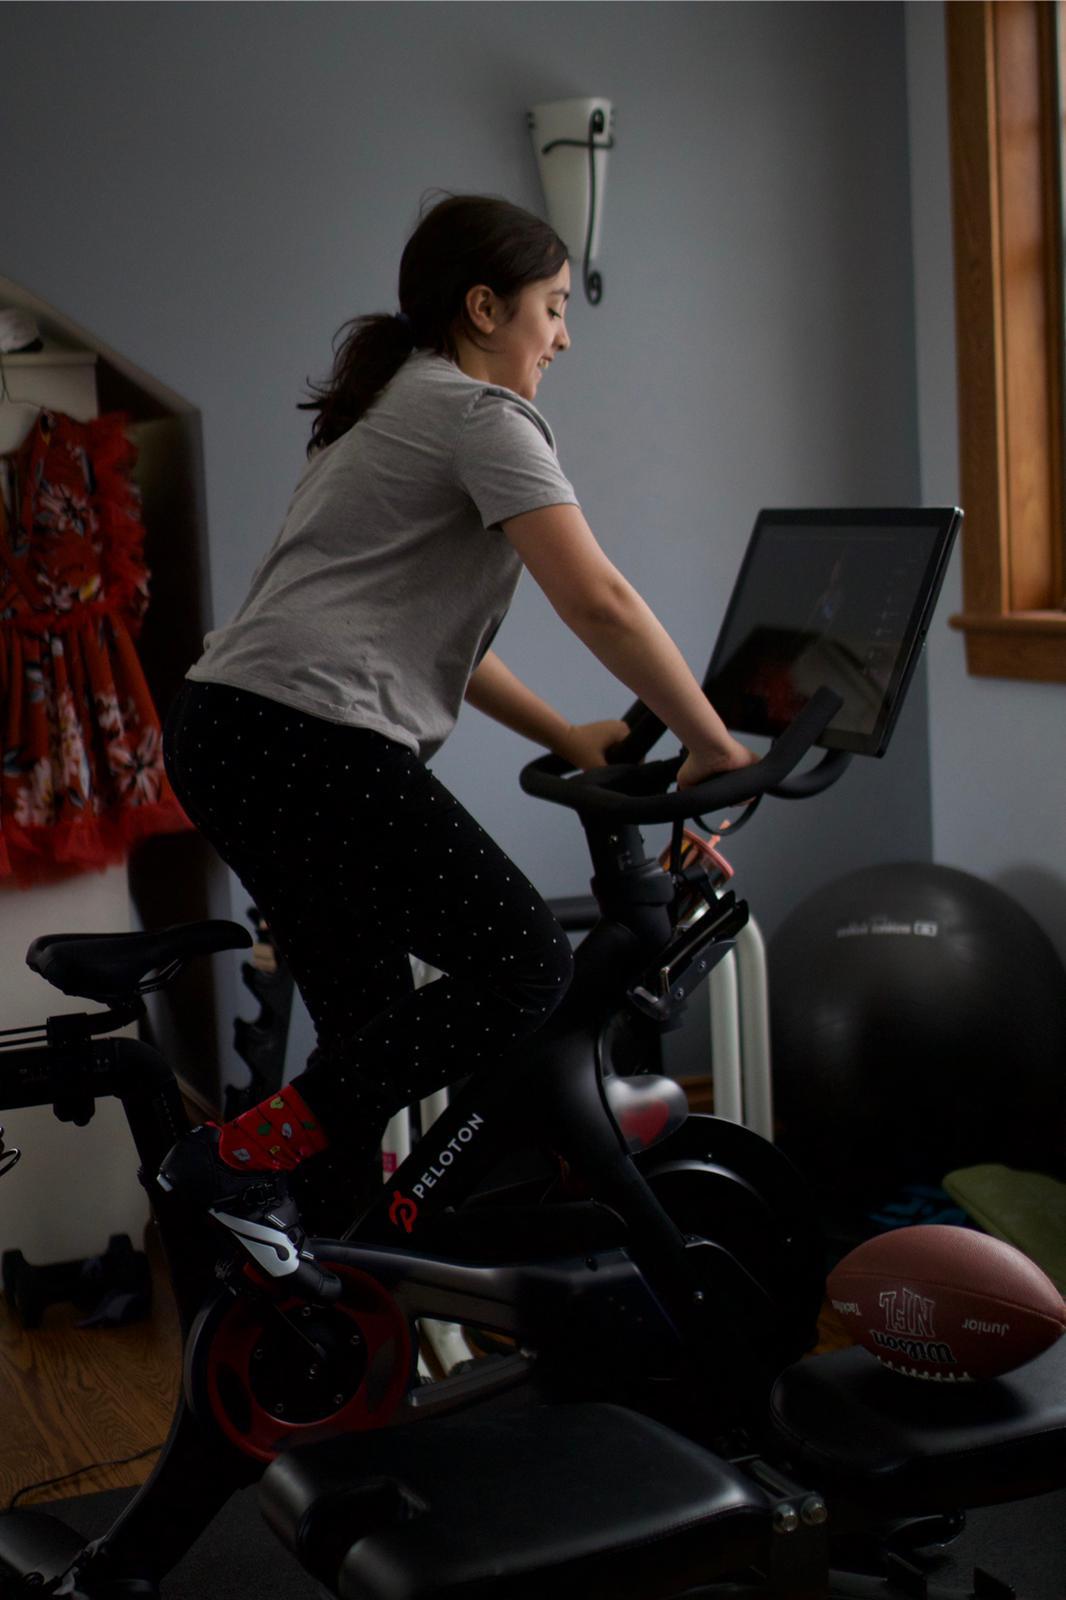 Daughter using Pelaton Bike